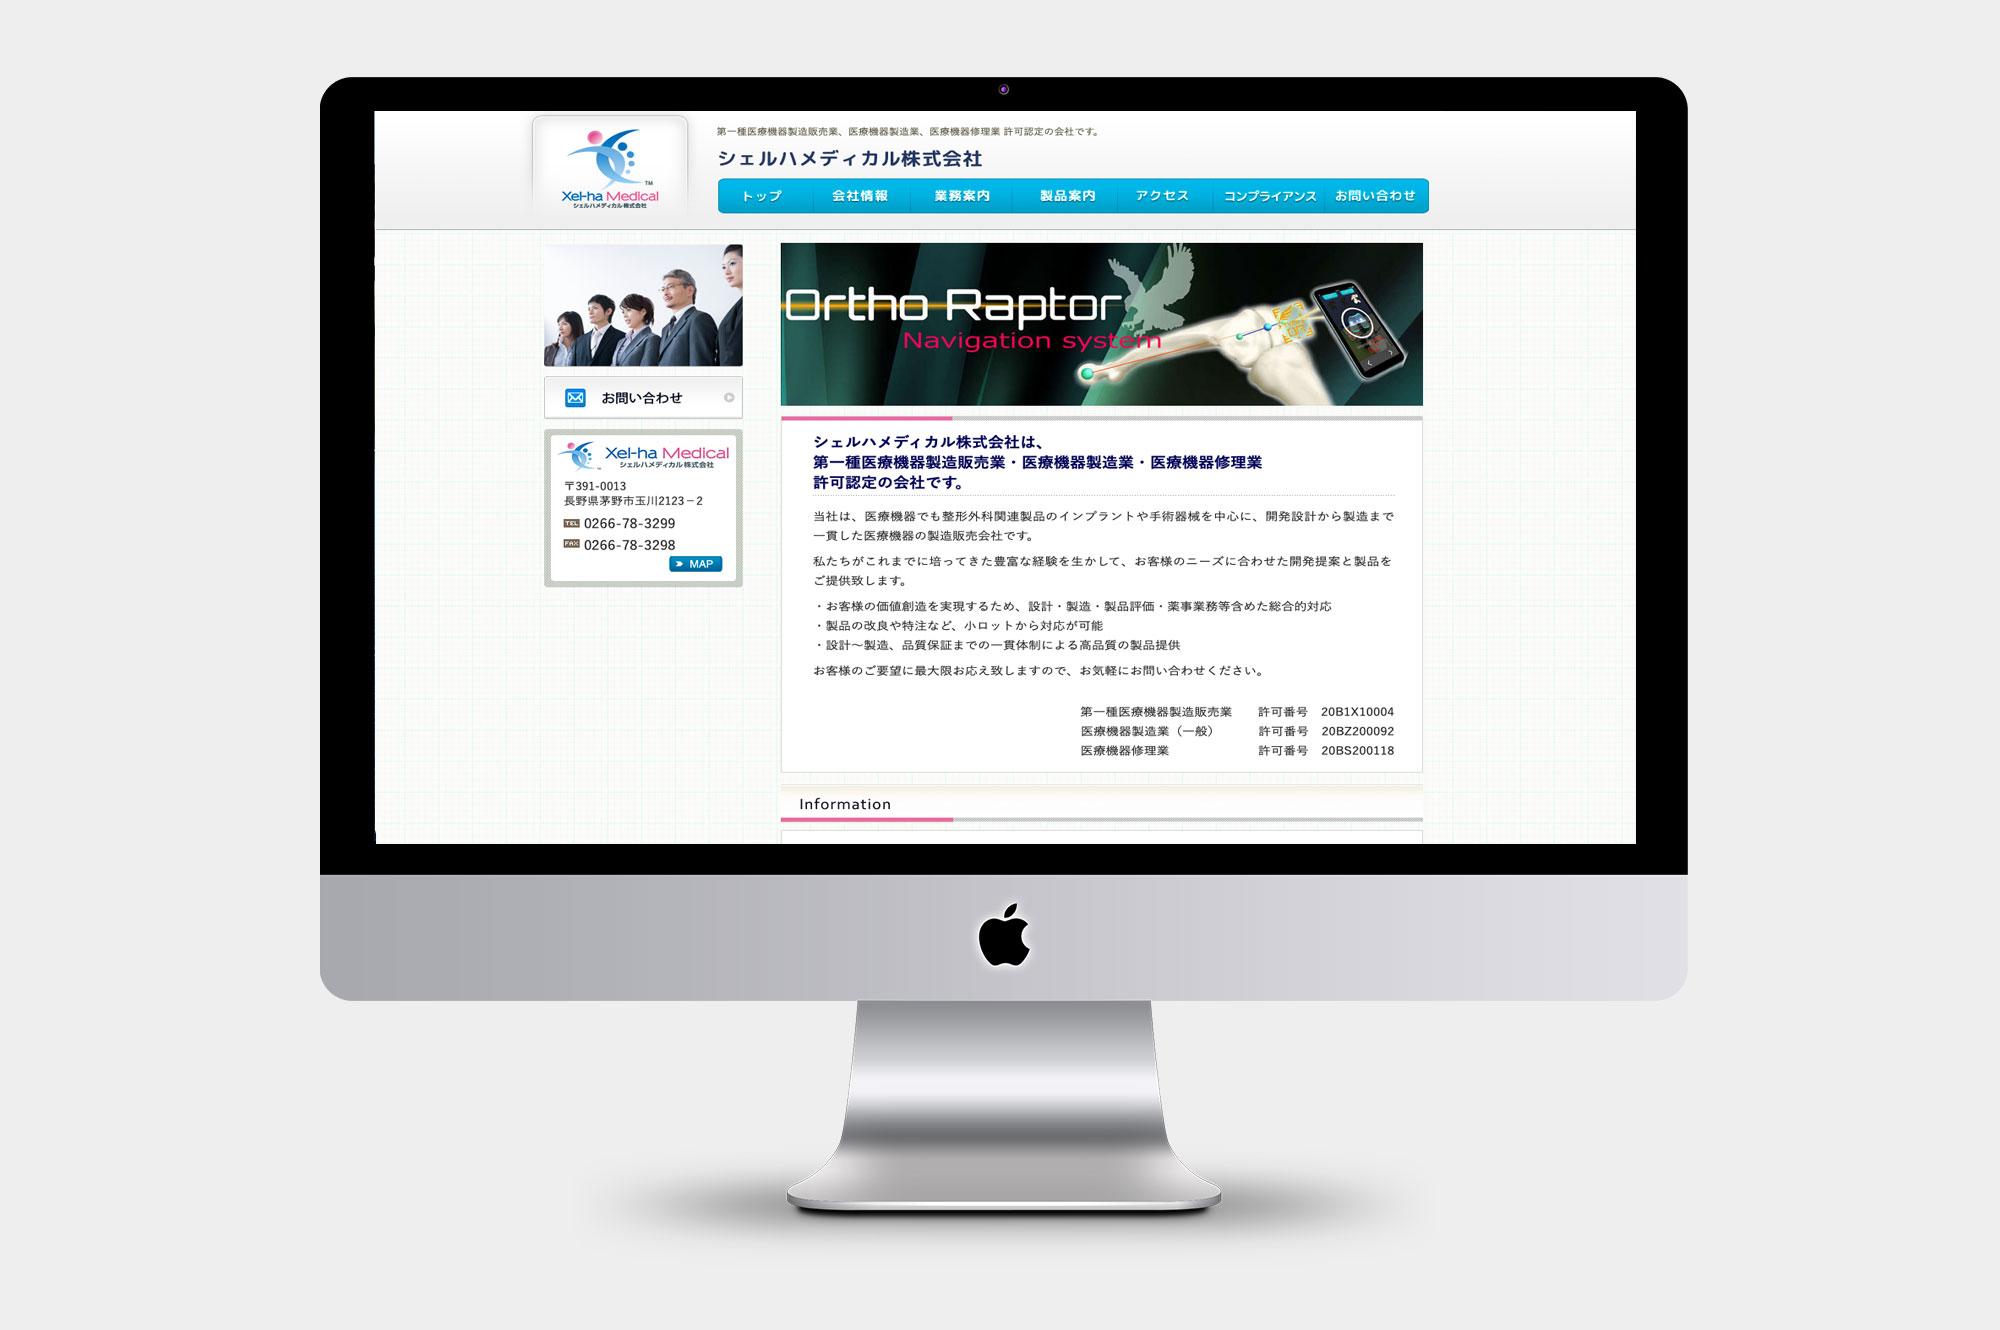 ホームページリニューアル(シェルハメディカル株式会社様)